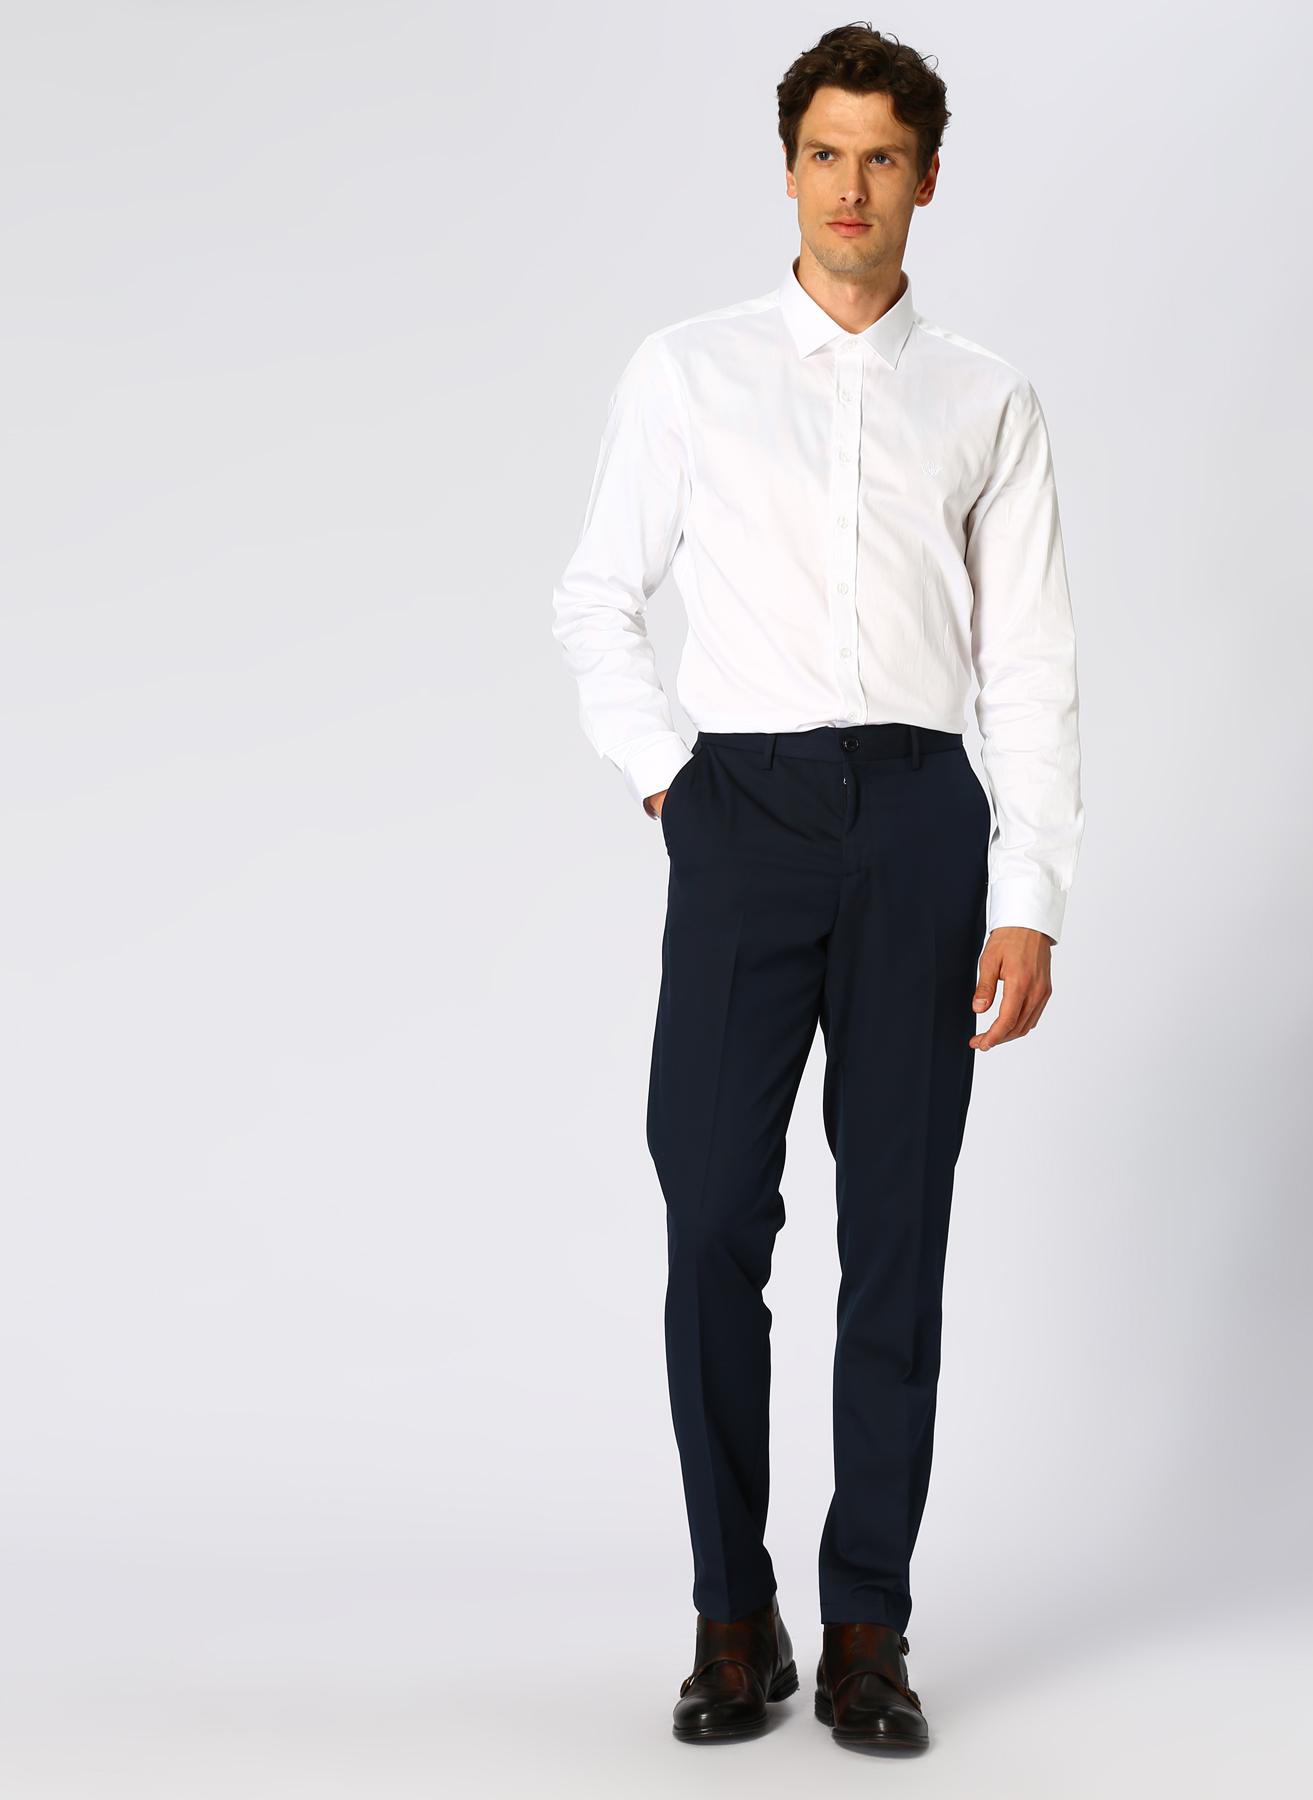 George Hogg Koyu Lacivert Klasik Pantolon 56-6 5001699428006 Ürün Resmi